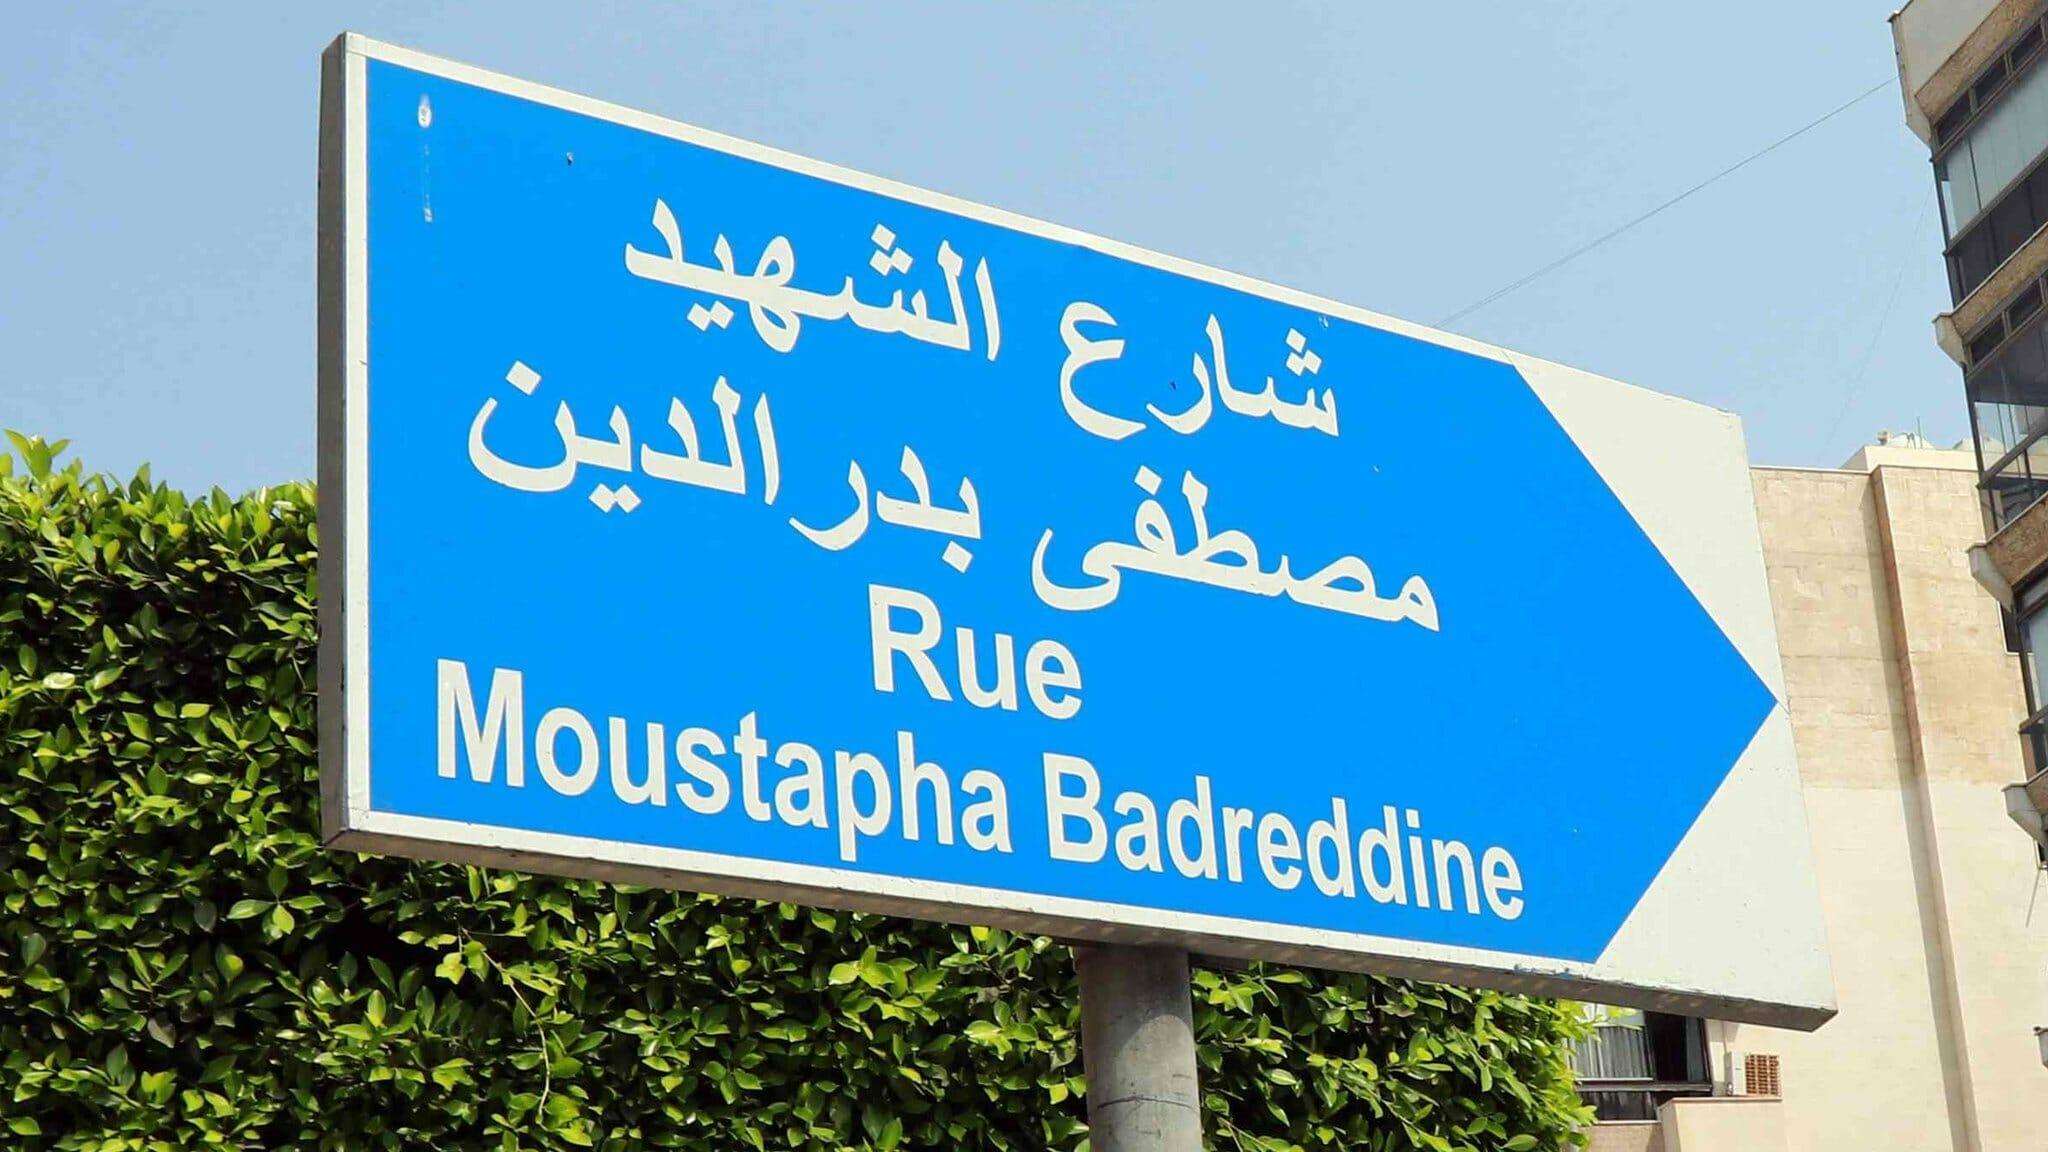 Libanon: Straße nach Terroristenführer benannt